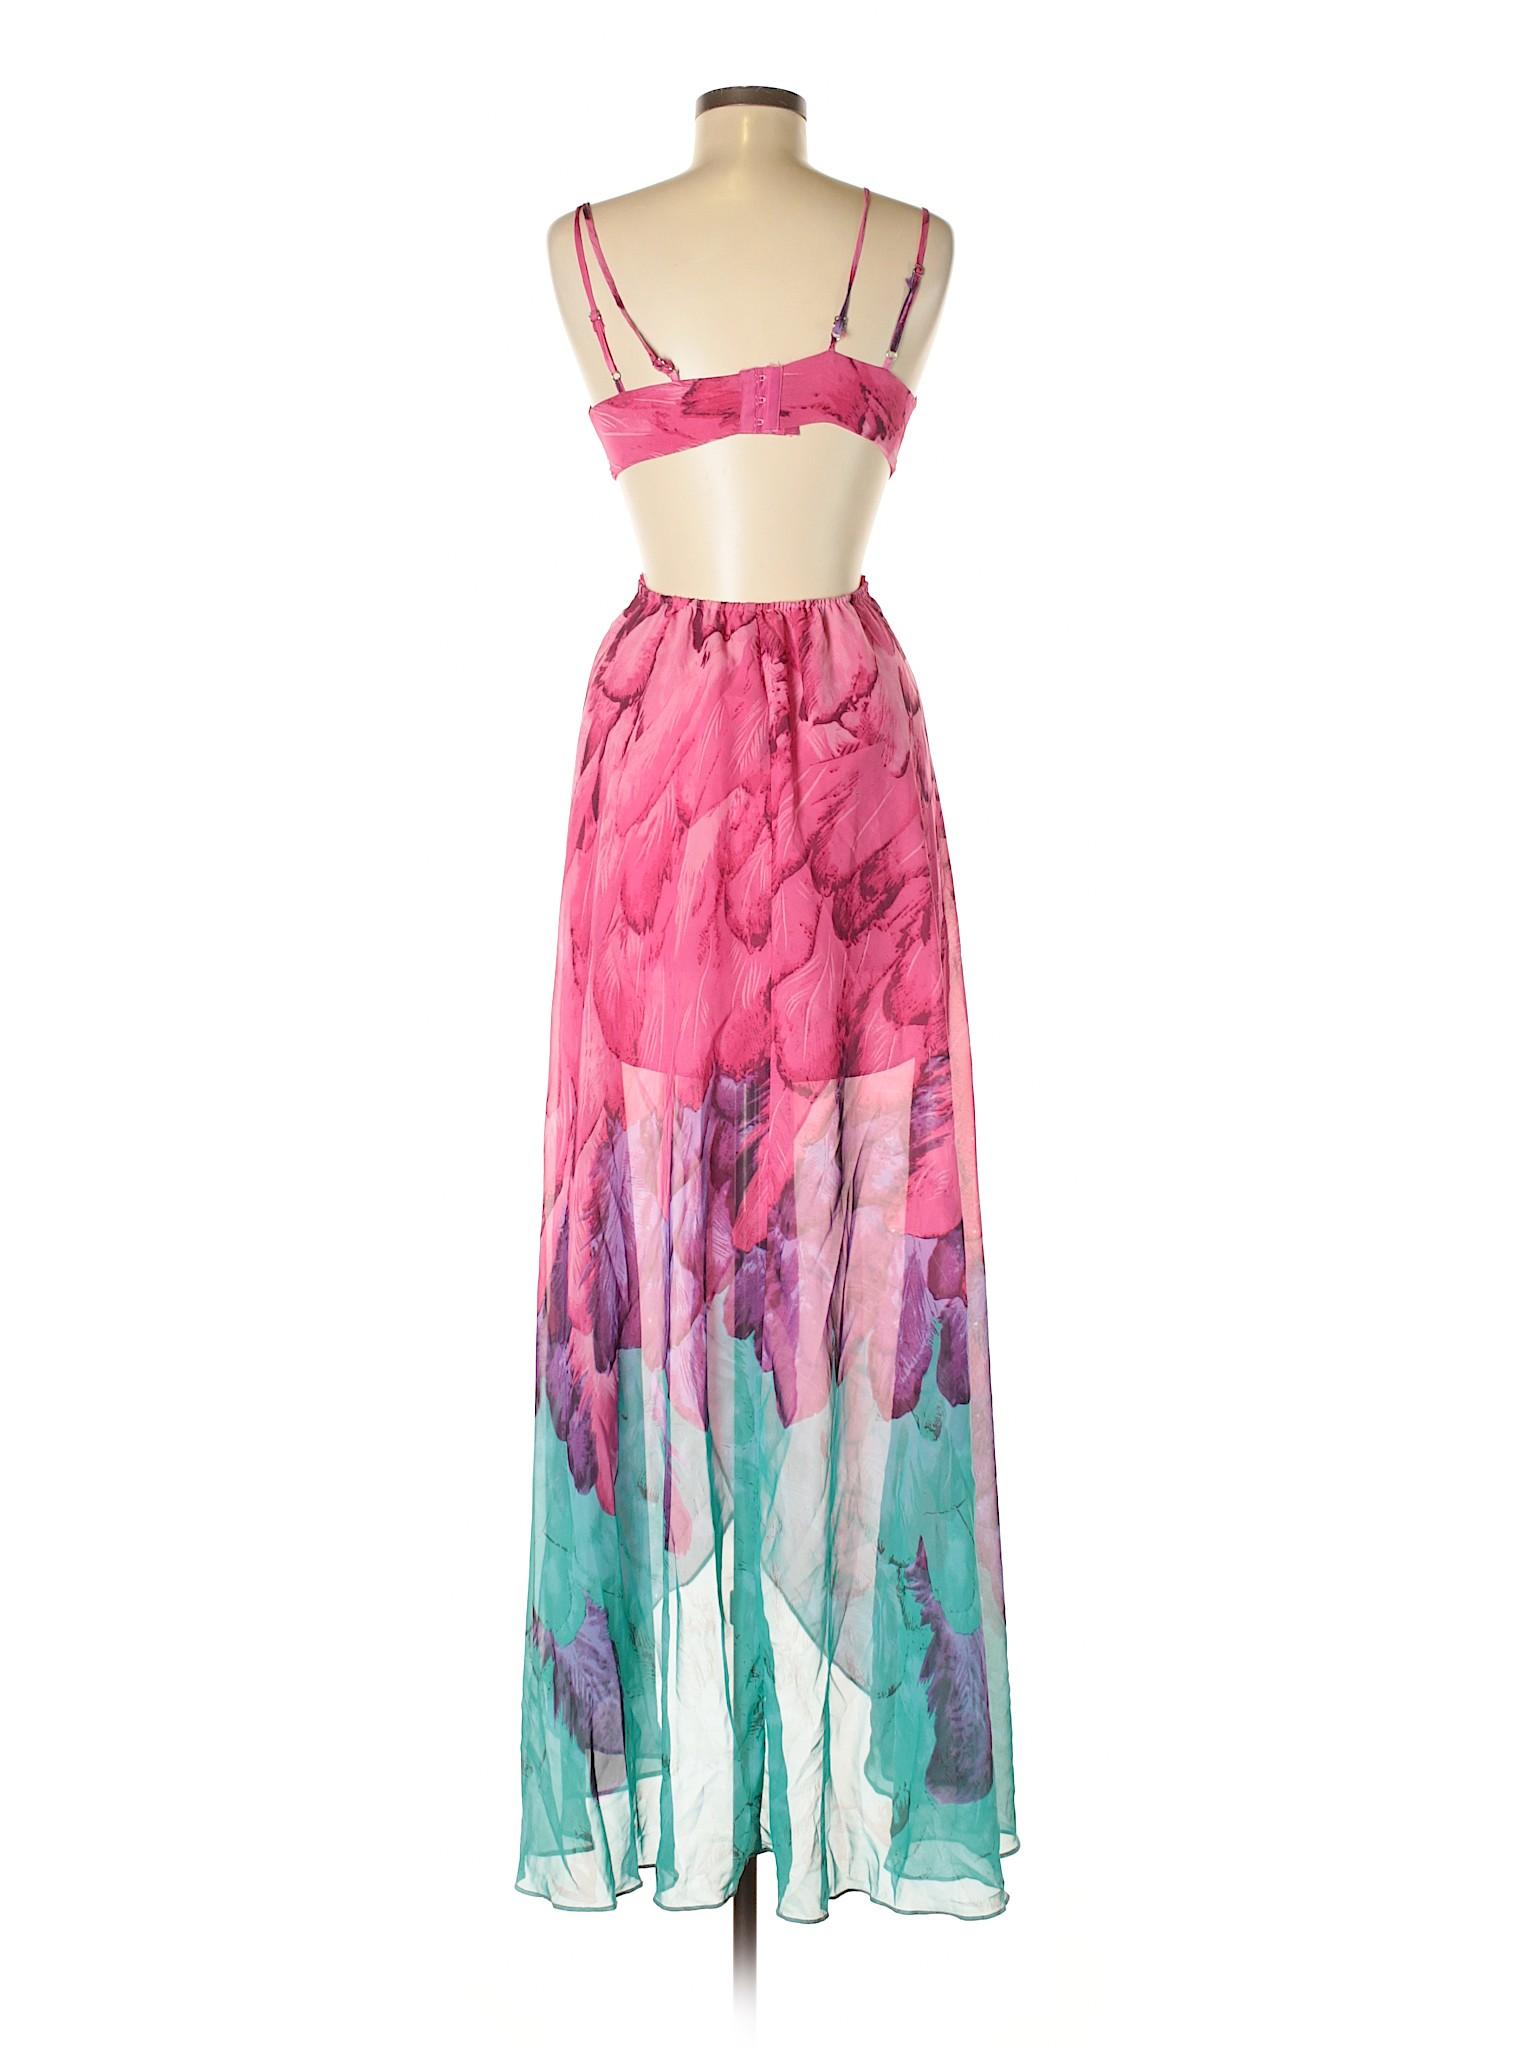 Casual Luxxel Casual Dress Luxxel Luxxel Luxxel Selling Dress Casual Selling Selling Selling Dress HHwq5aAxr